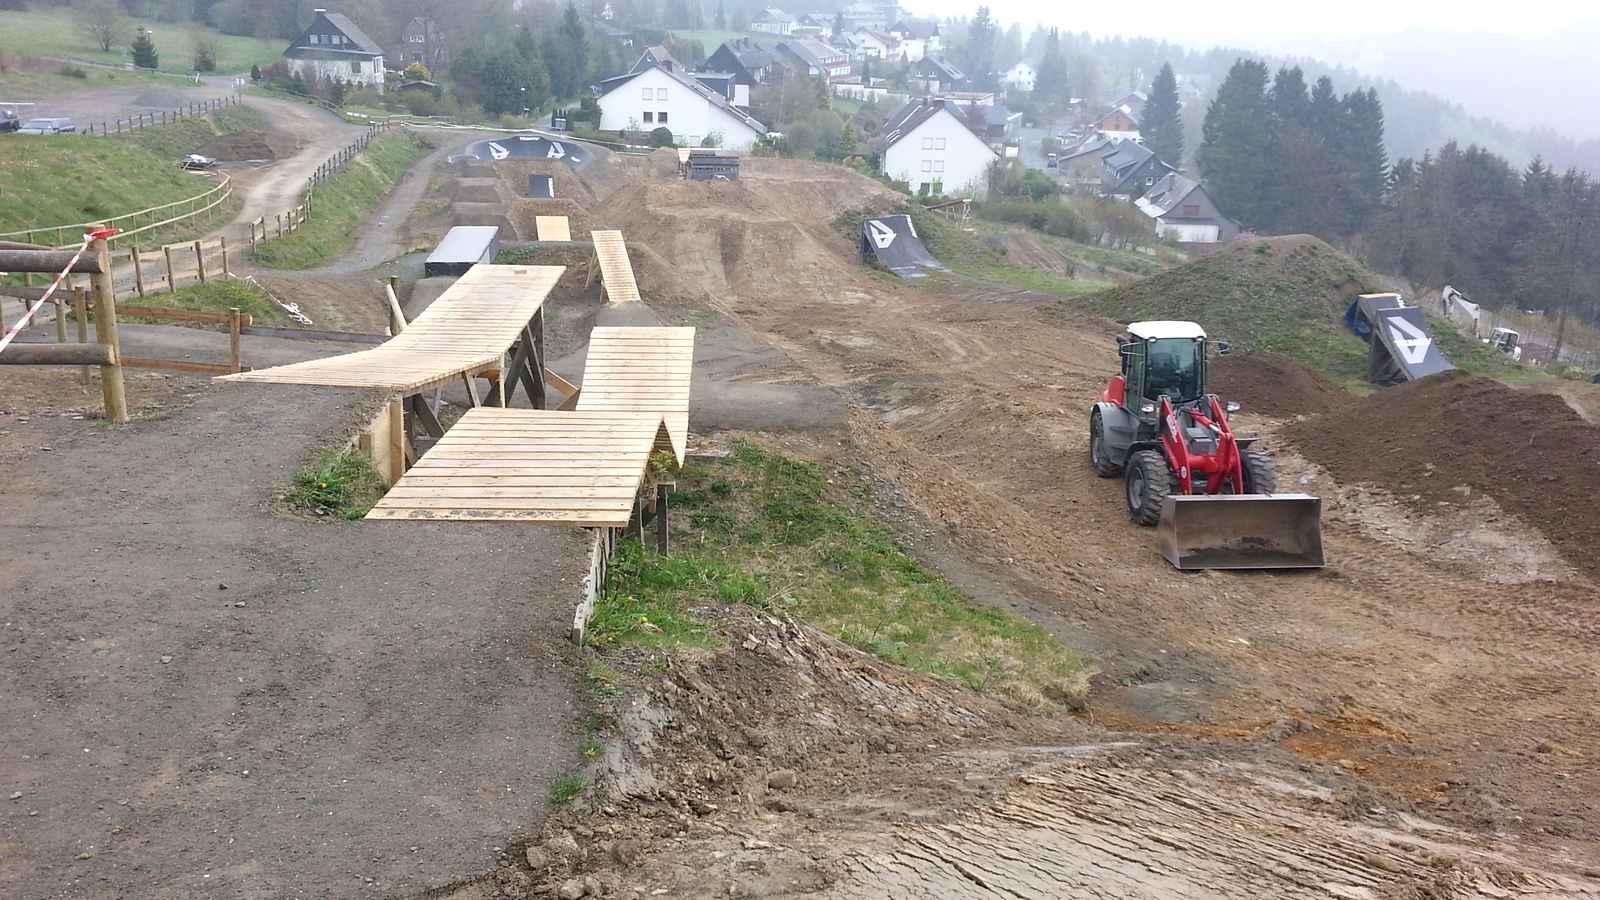 Slopestyle Dirtmasters Bikepark Winterberg Bau 26